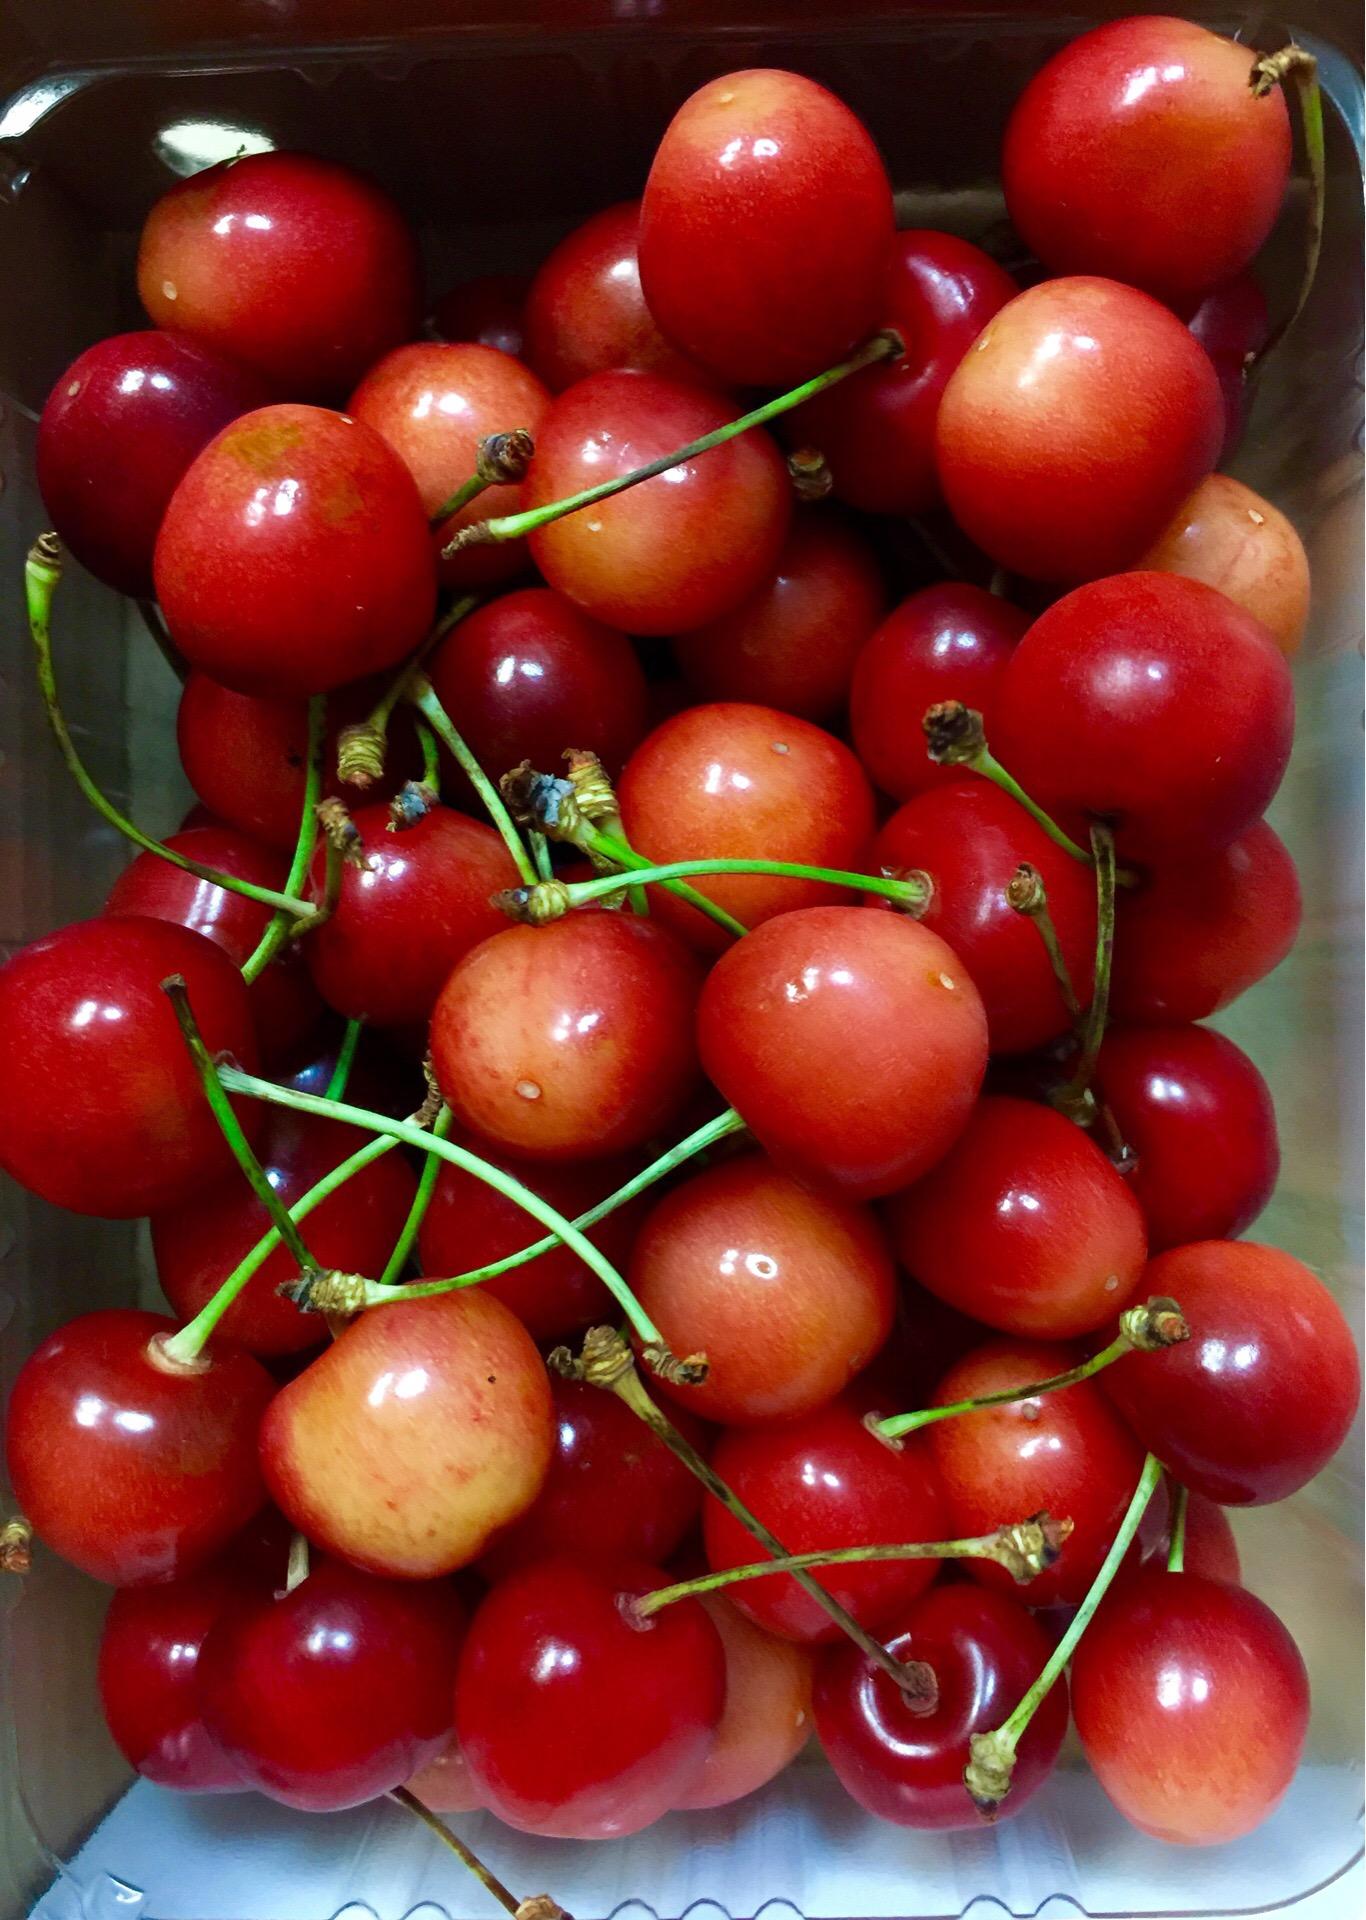 初夏を味わう、北海道の夏のフルーツ|穴場情報